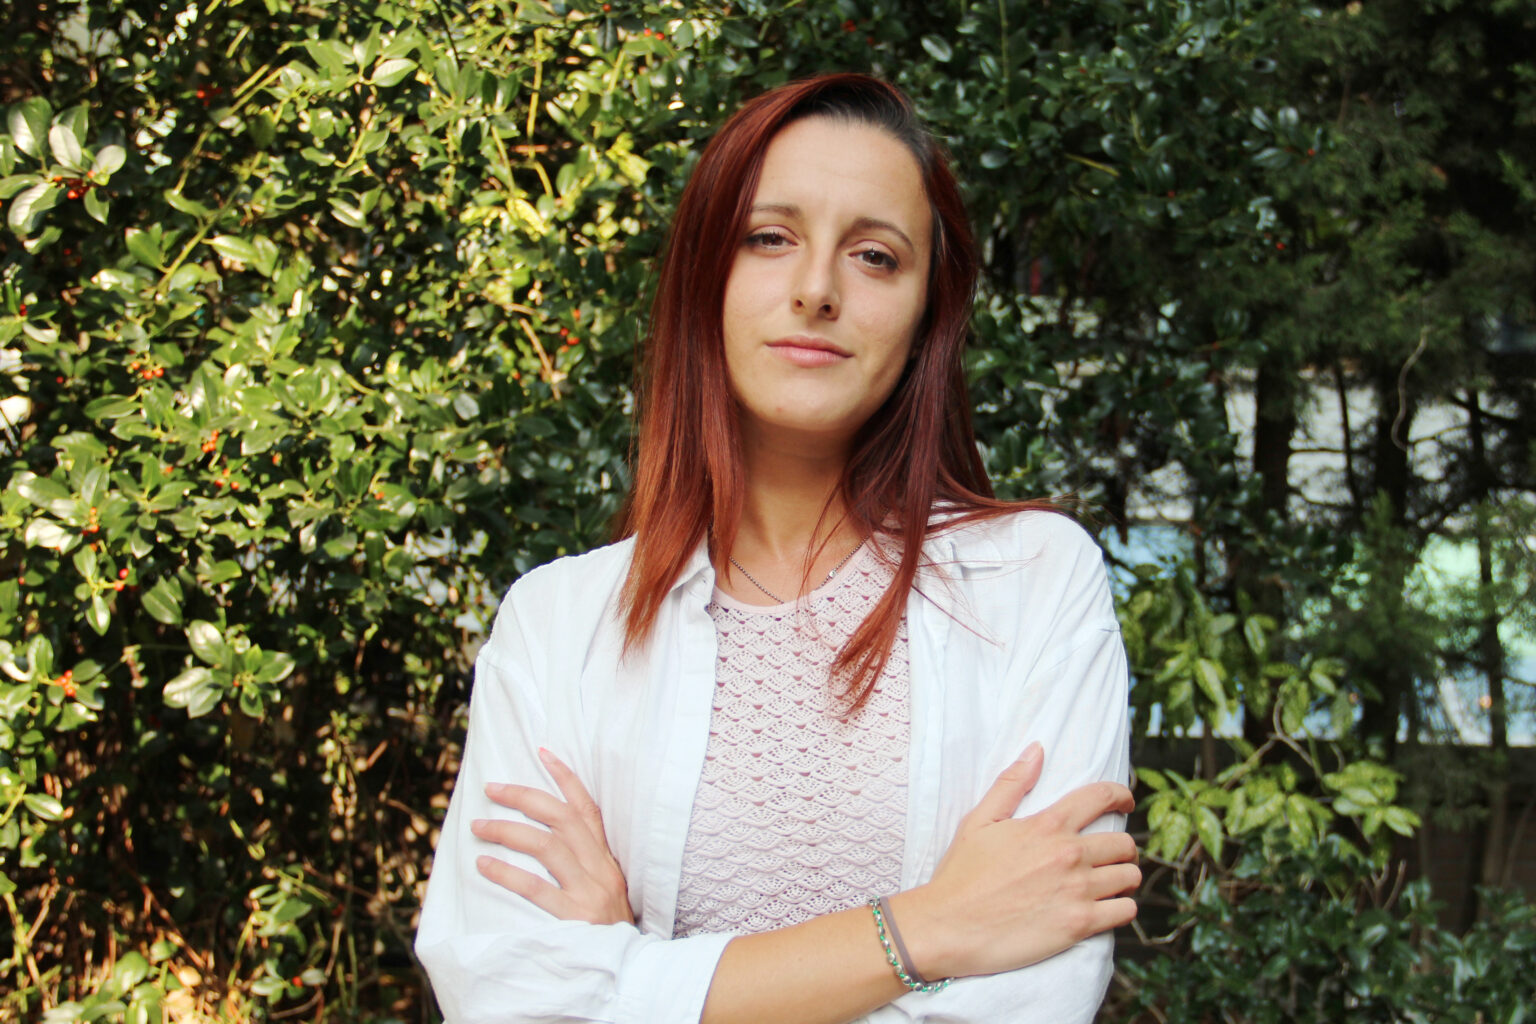 Alessandra Zini